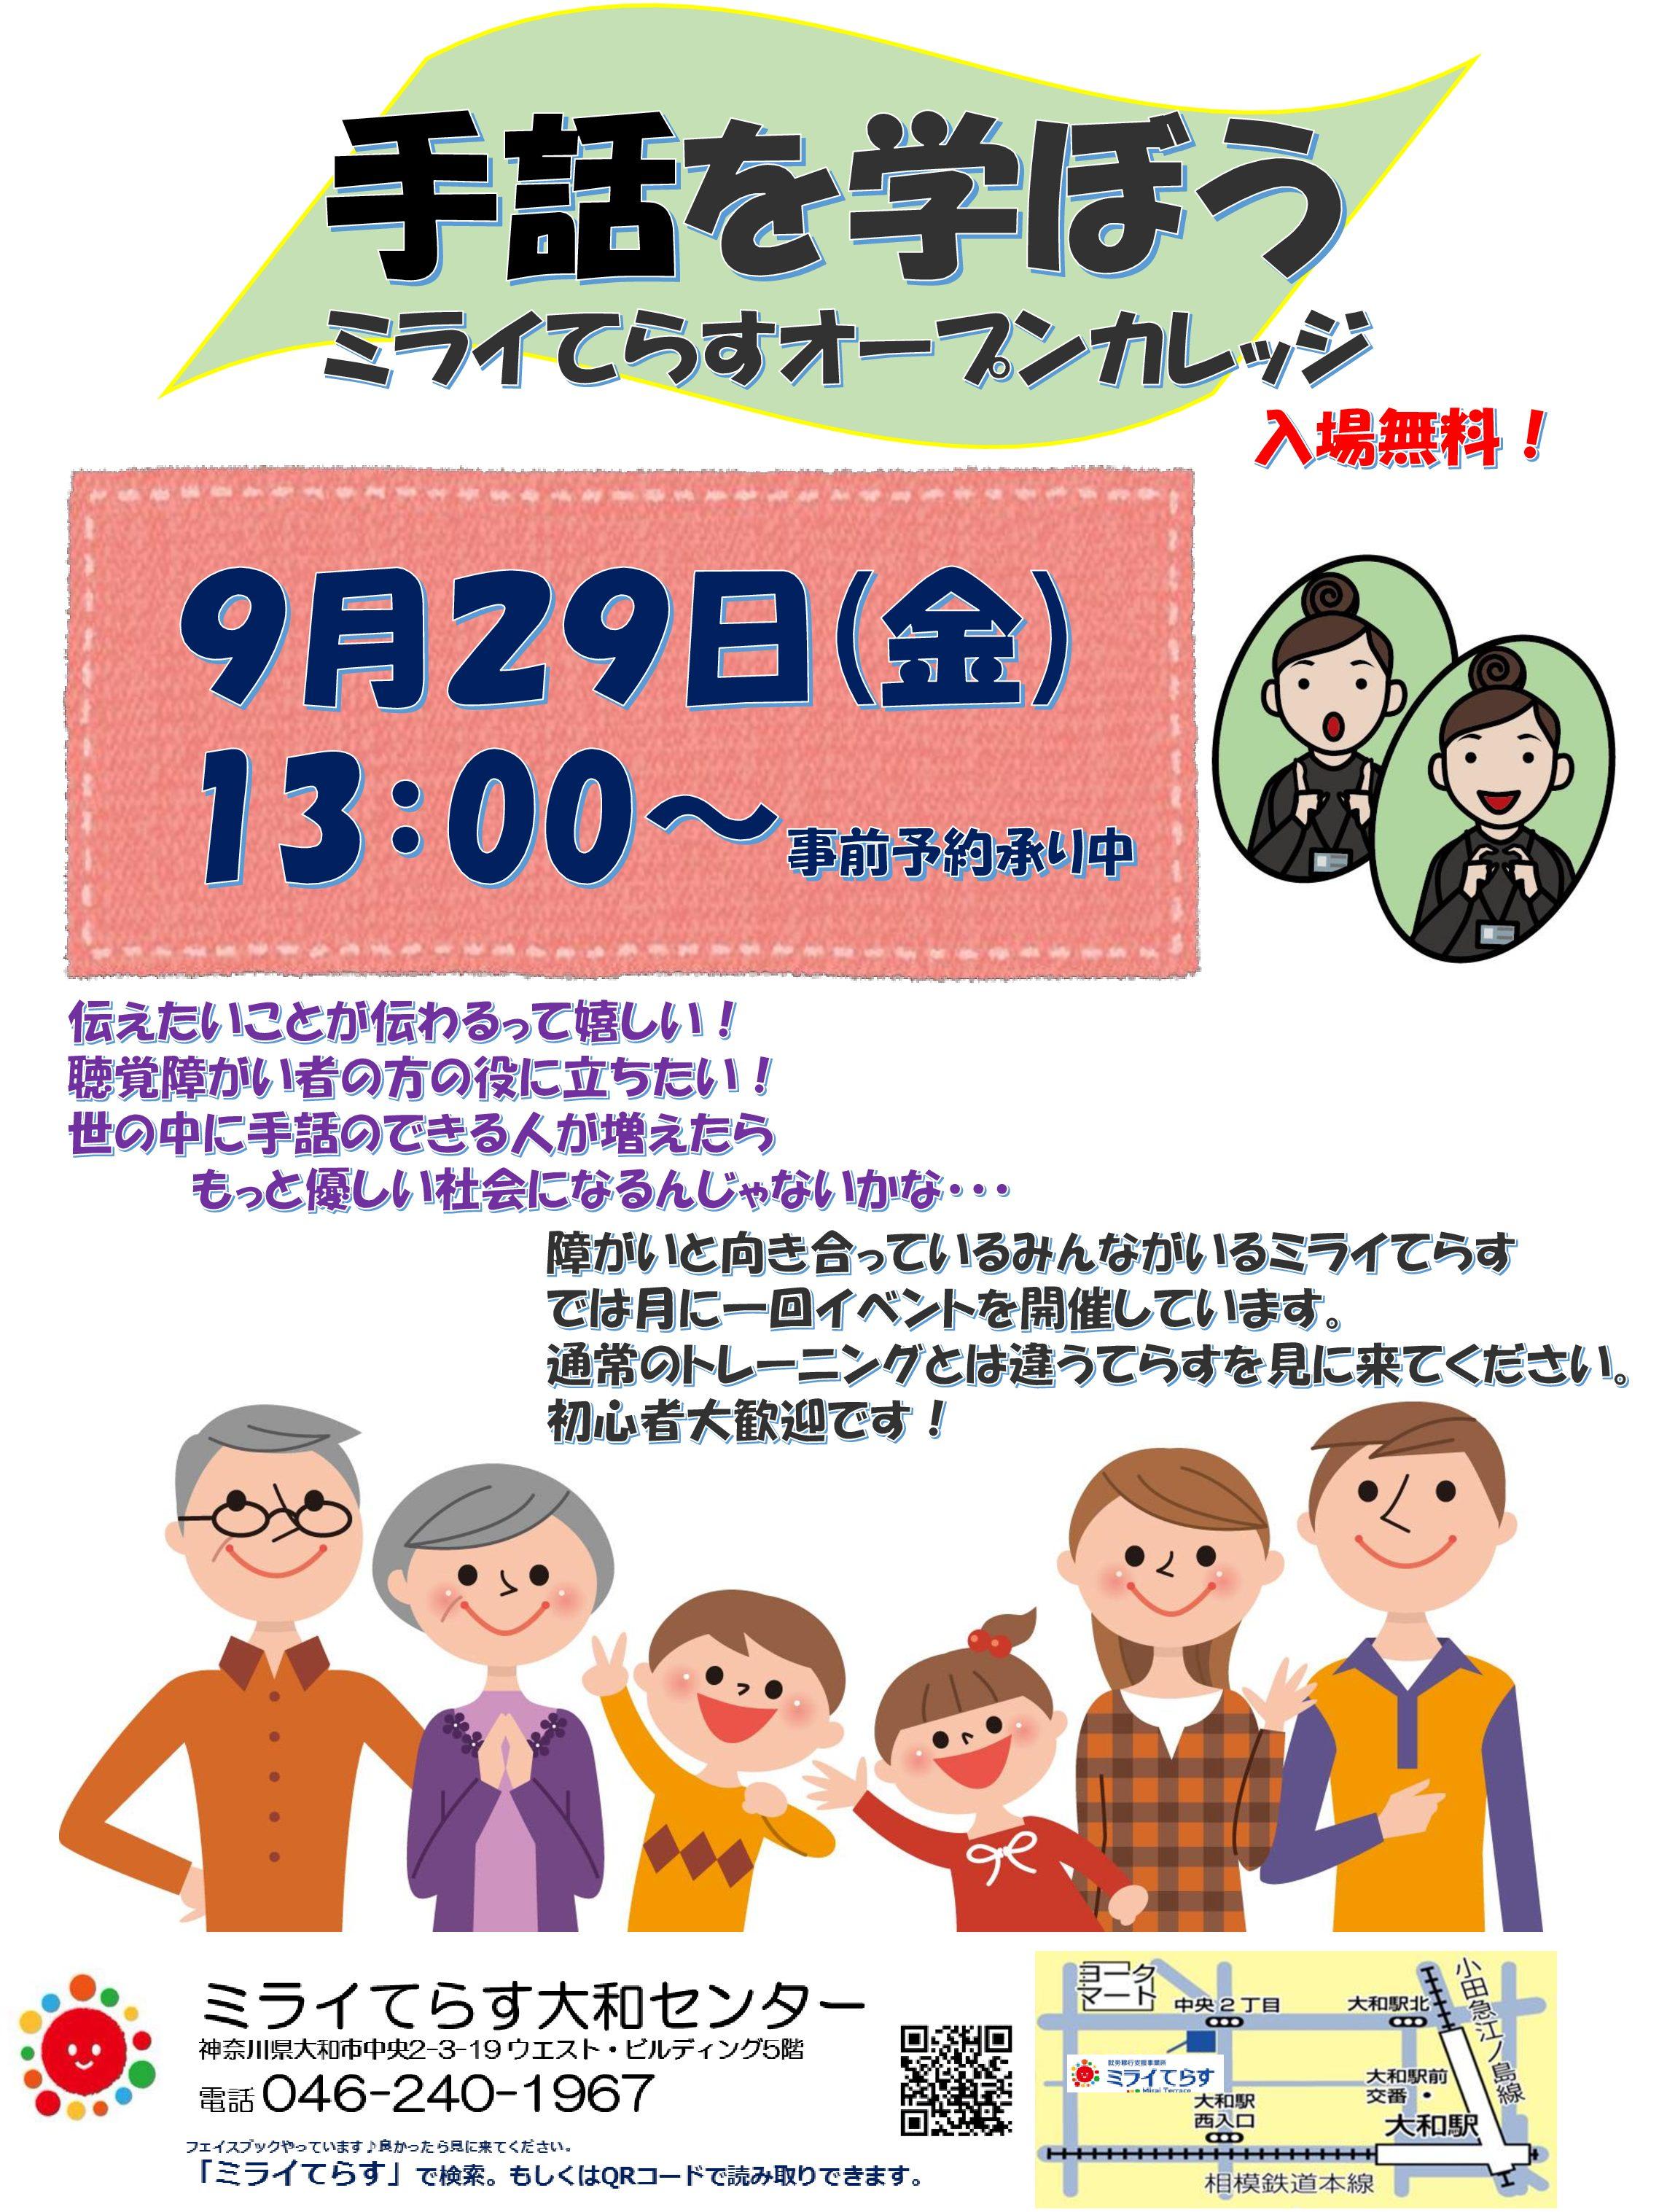 9/29㈮ 手話を学ぼう!イベント決定